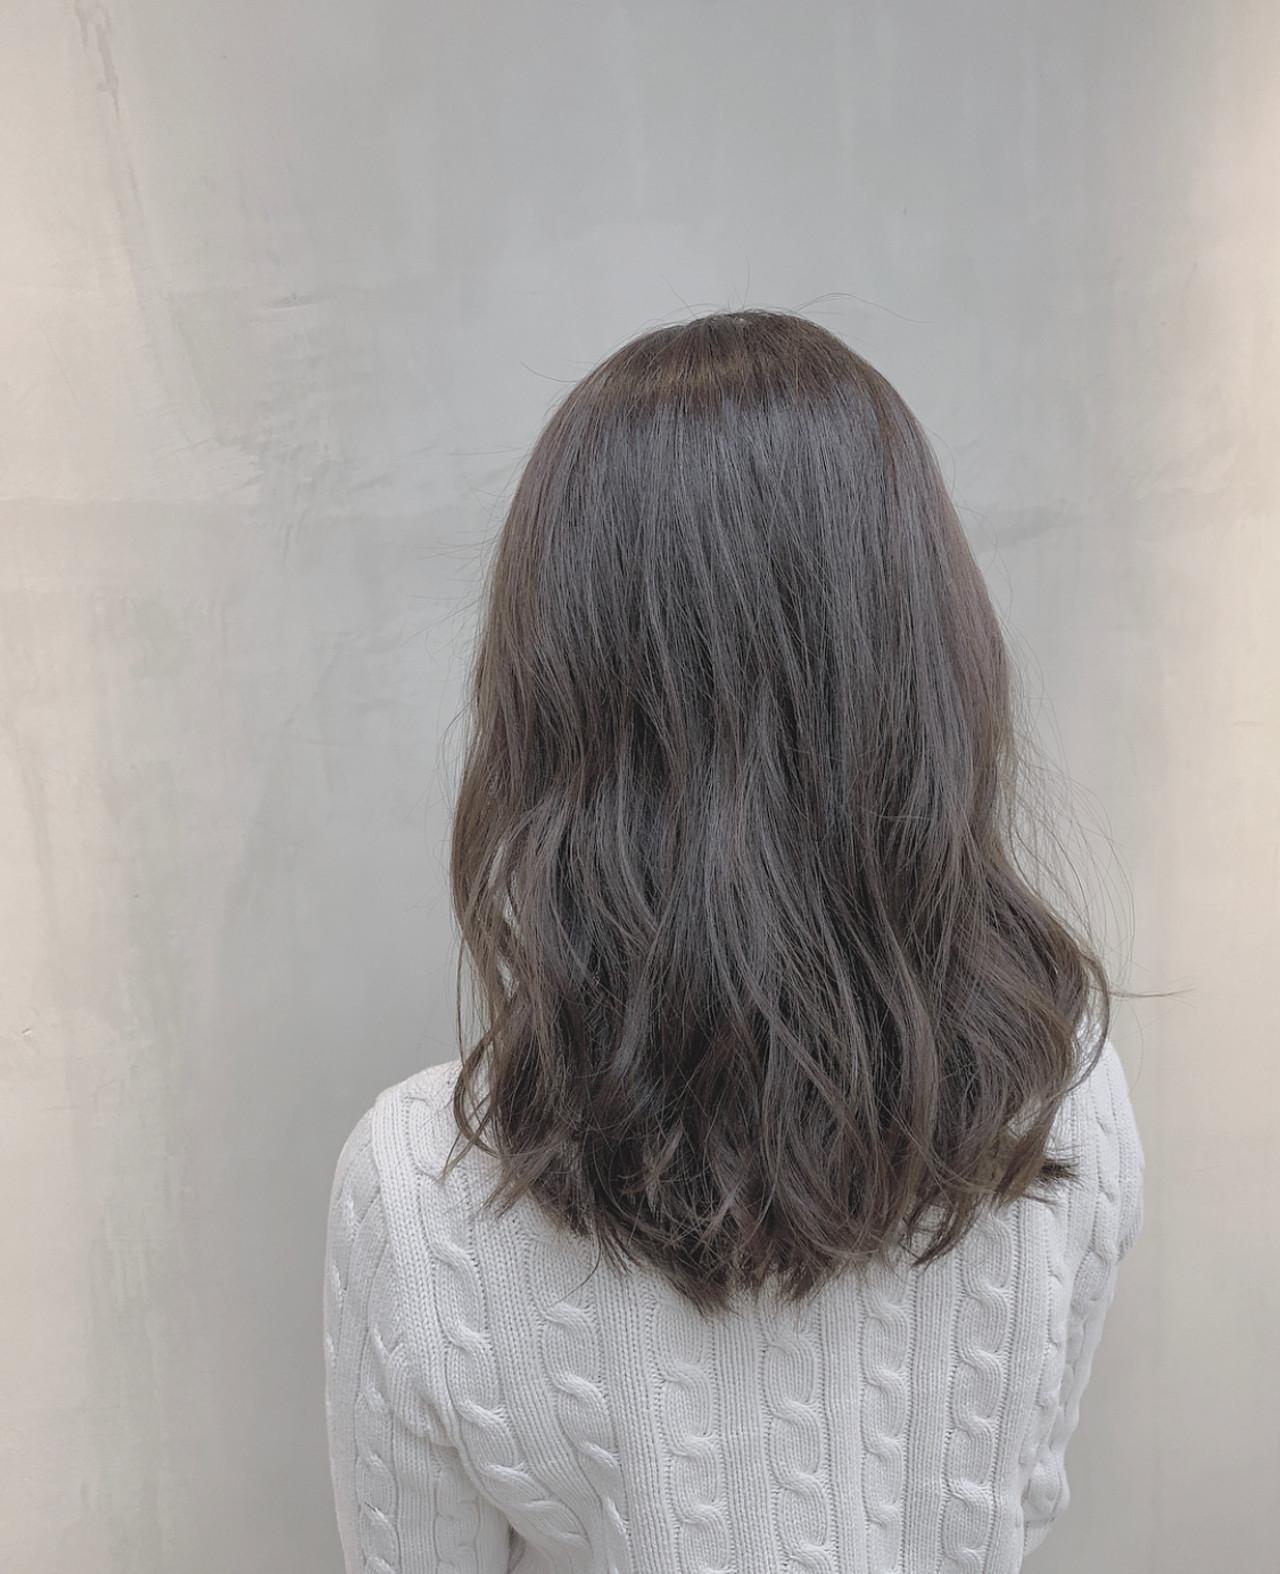 ハイライト 外国人風カラー 透明感カラー ブルージュ ヘアスタイルや髪型の写真・画像